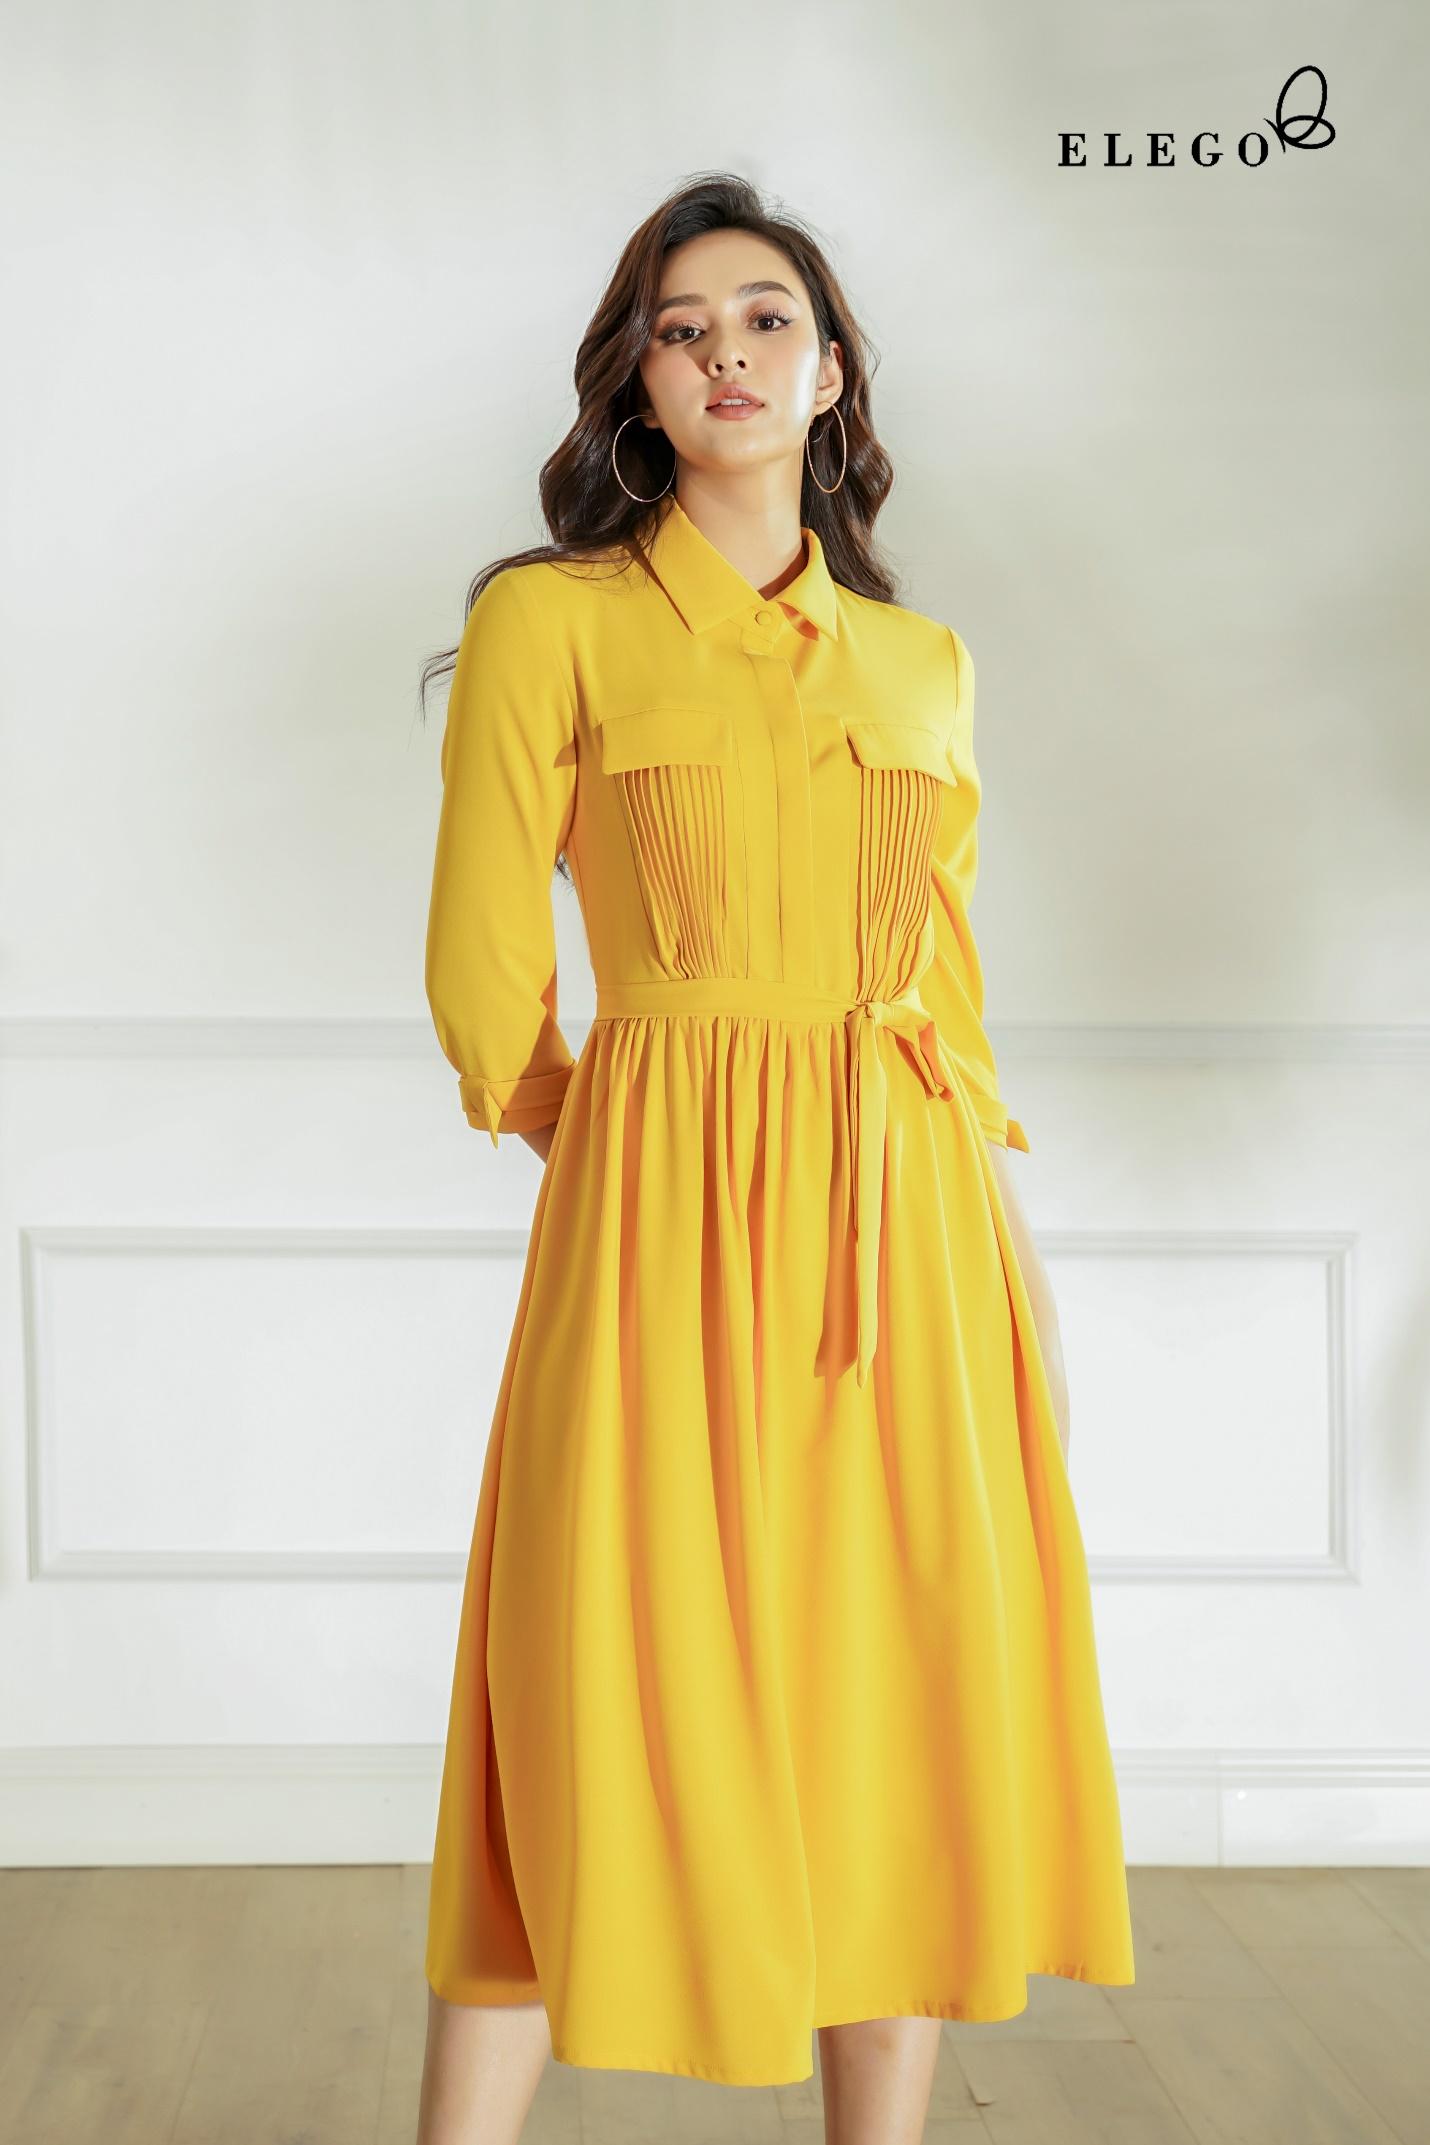 Đầm vàng cách điệu nhấn vào những đường xếp ly tôn vẻ thanh lịch. Thiết kế có gam vàng nổi bật - màu sắc chủ đạo của năm 2021.